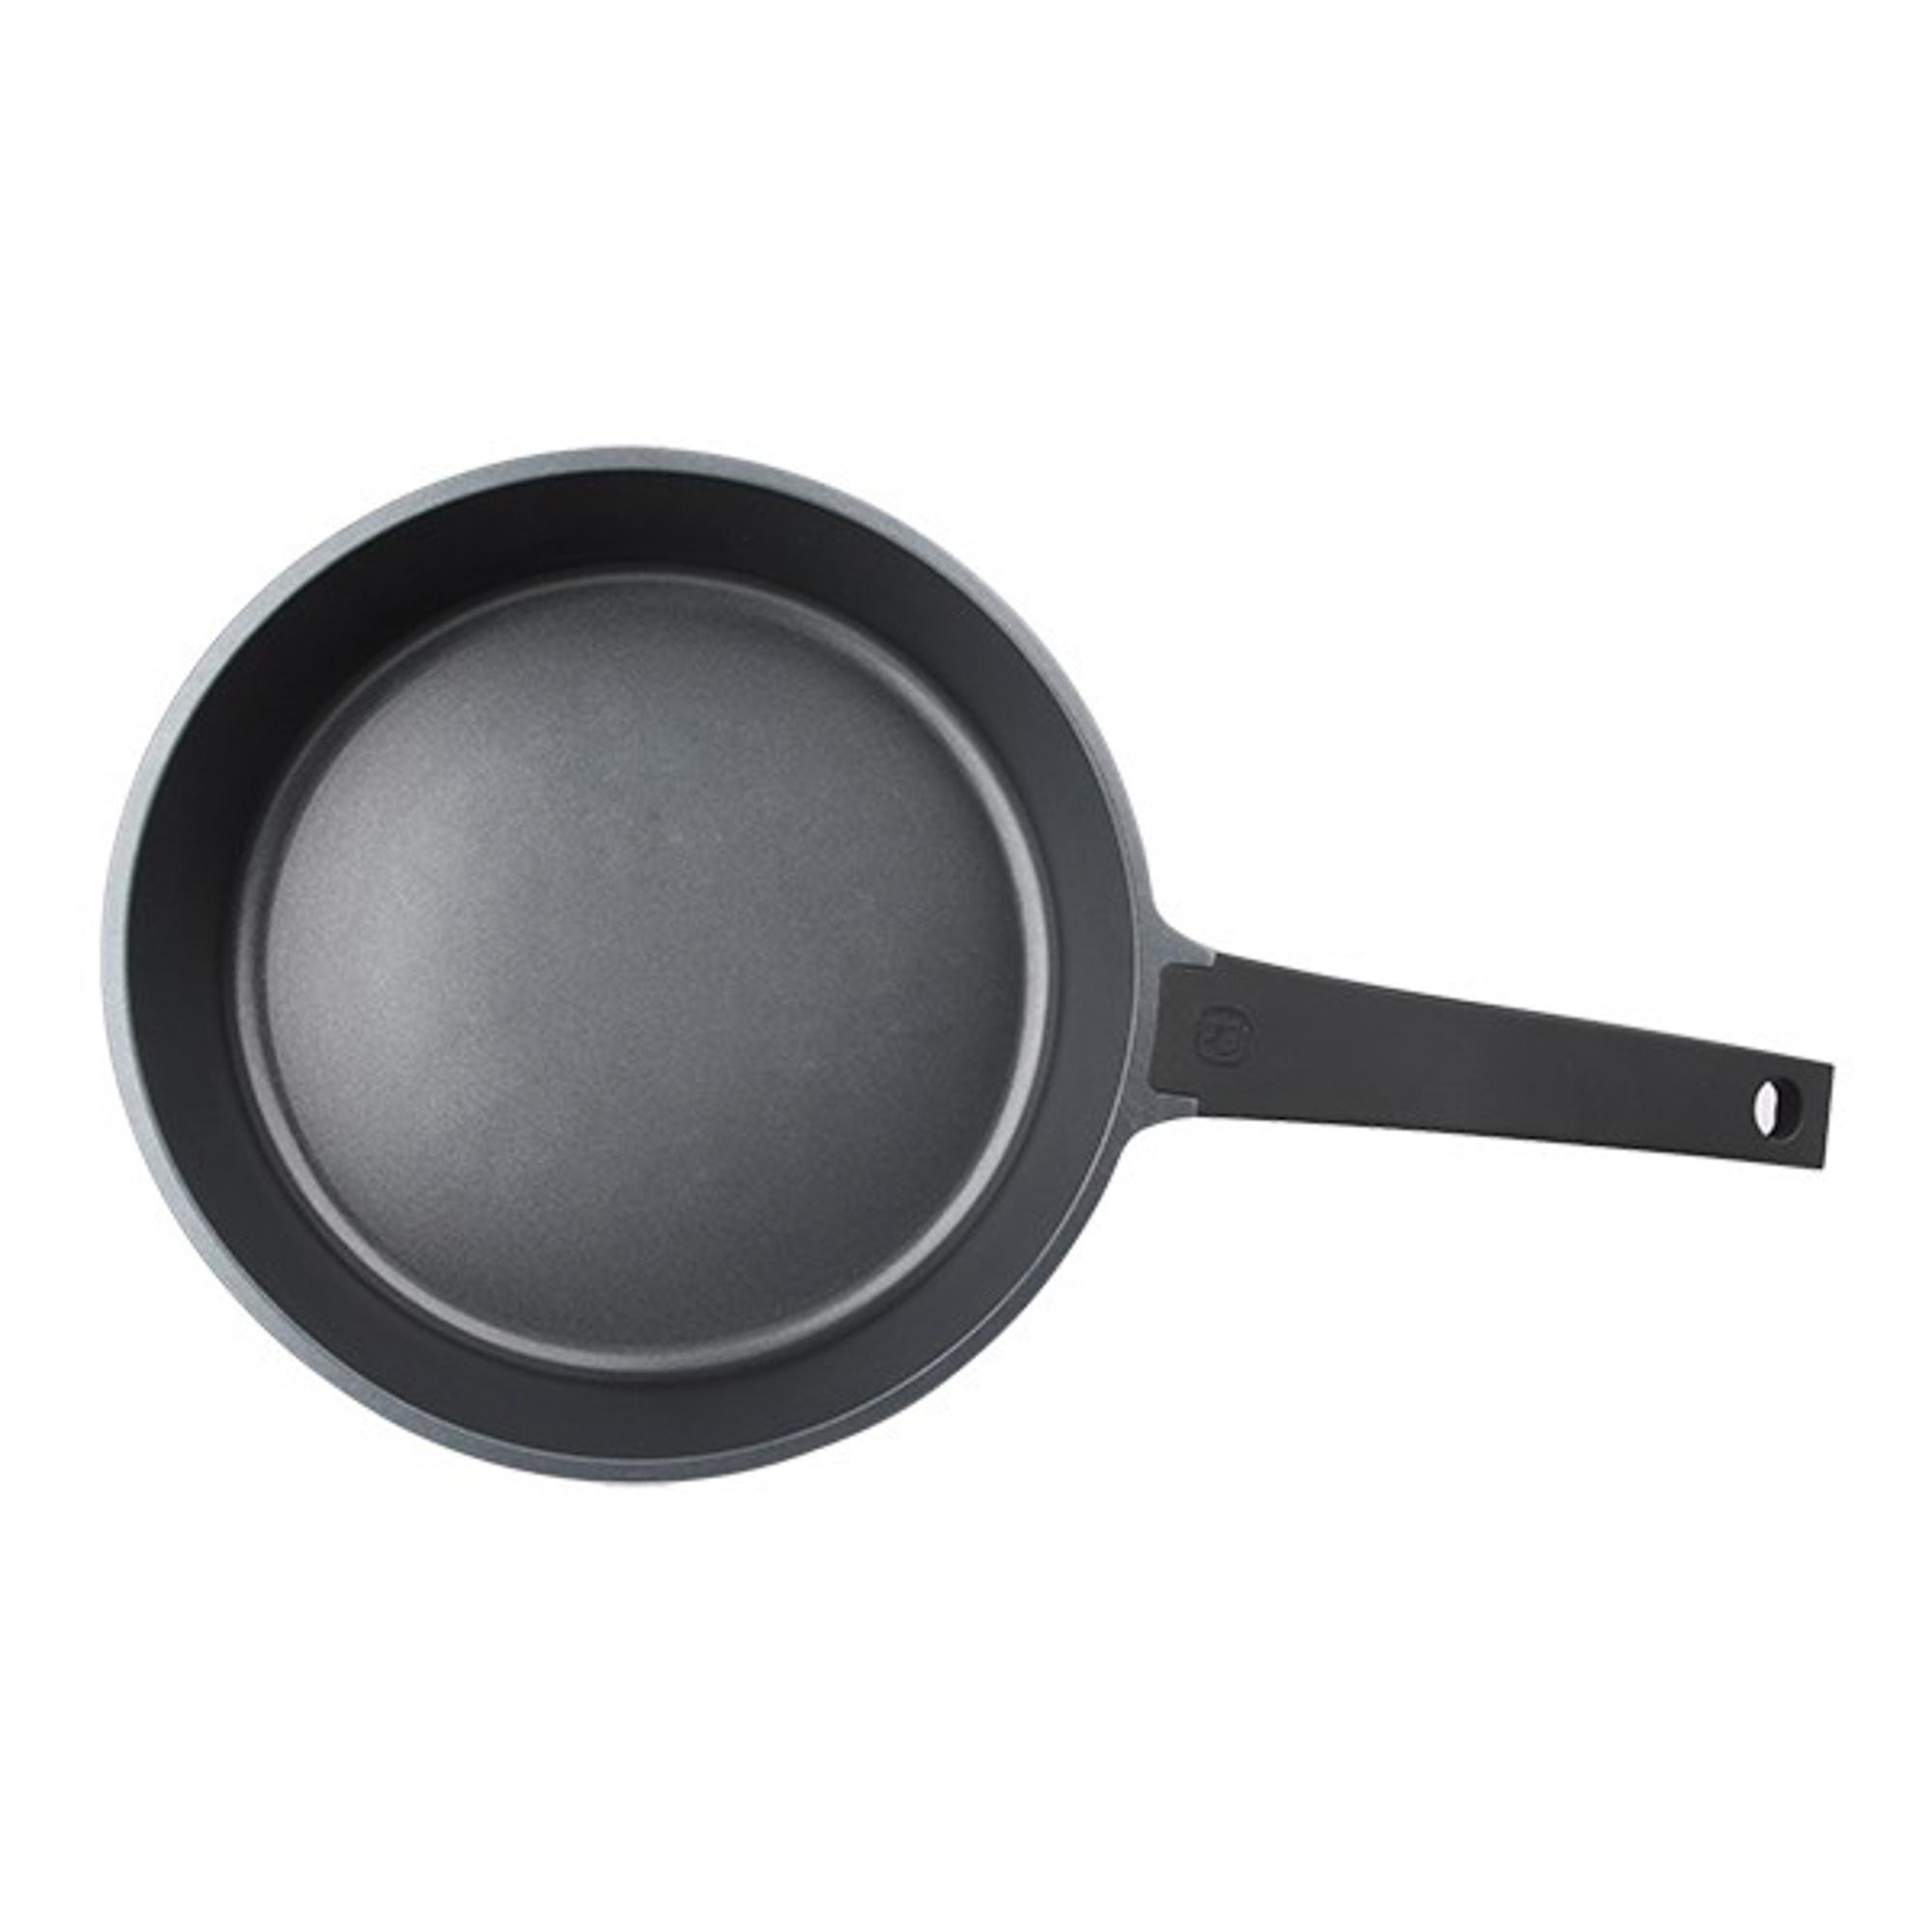 Купить Сковорода Rondell Walzer 28 см, Китай, черный, алюминий литой